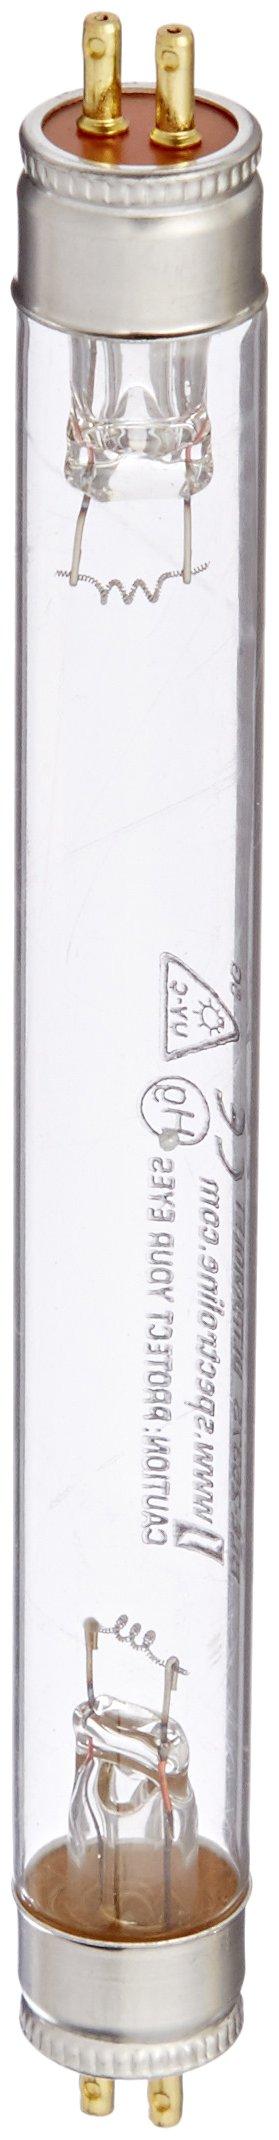 Spectronics BLE-2537S Tube, 254nm, 4 Watt